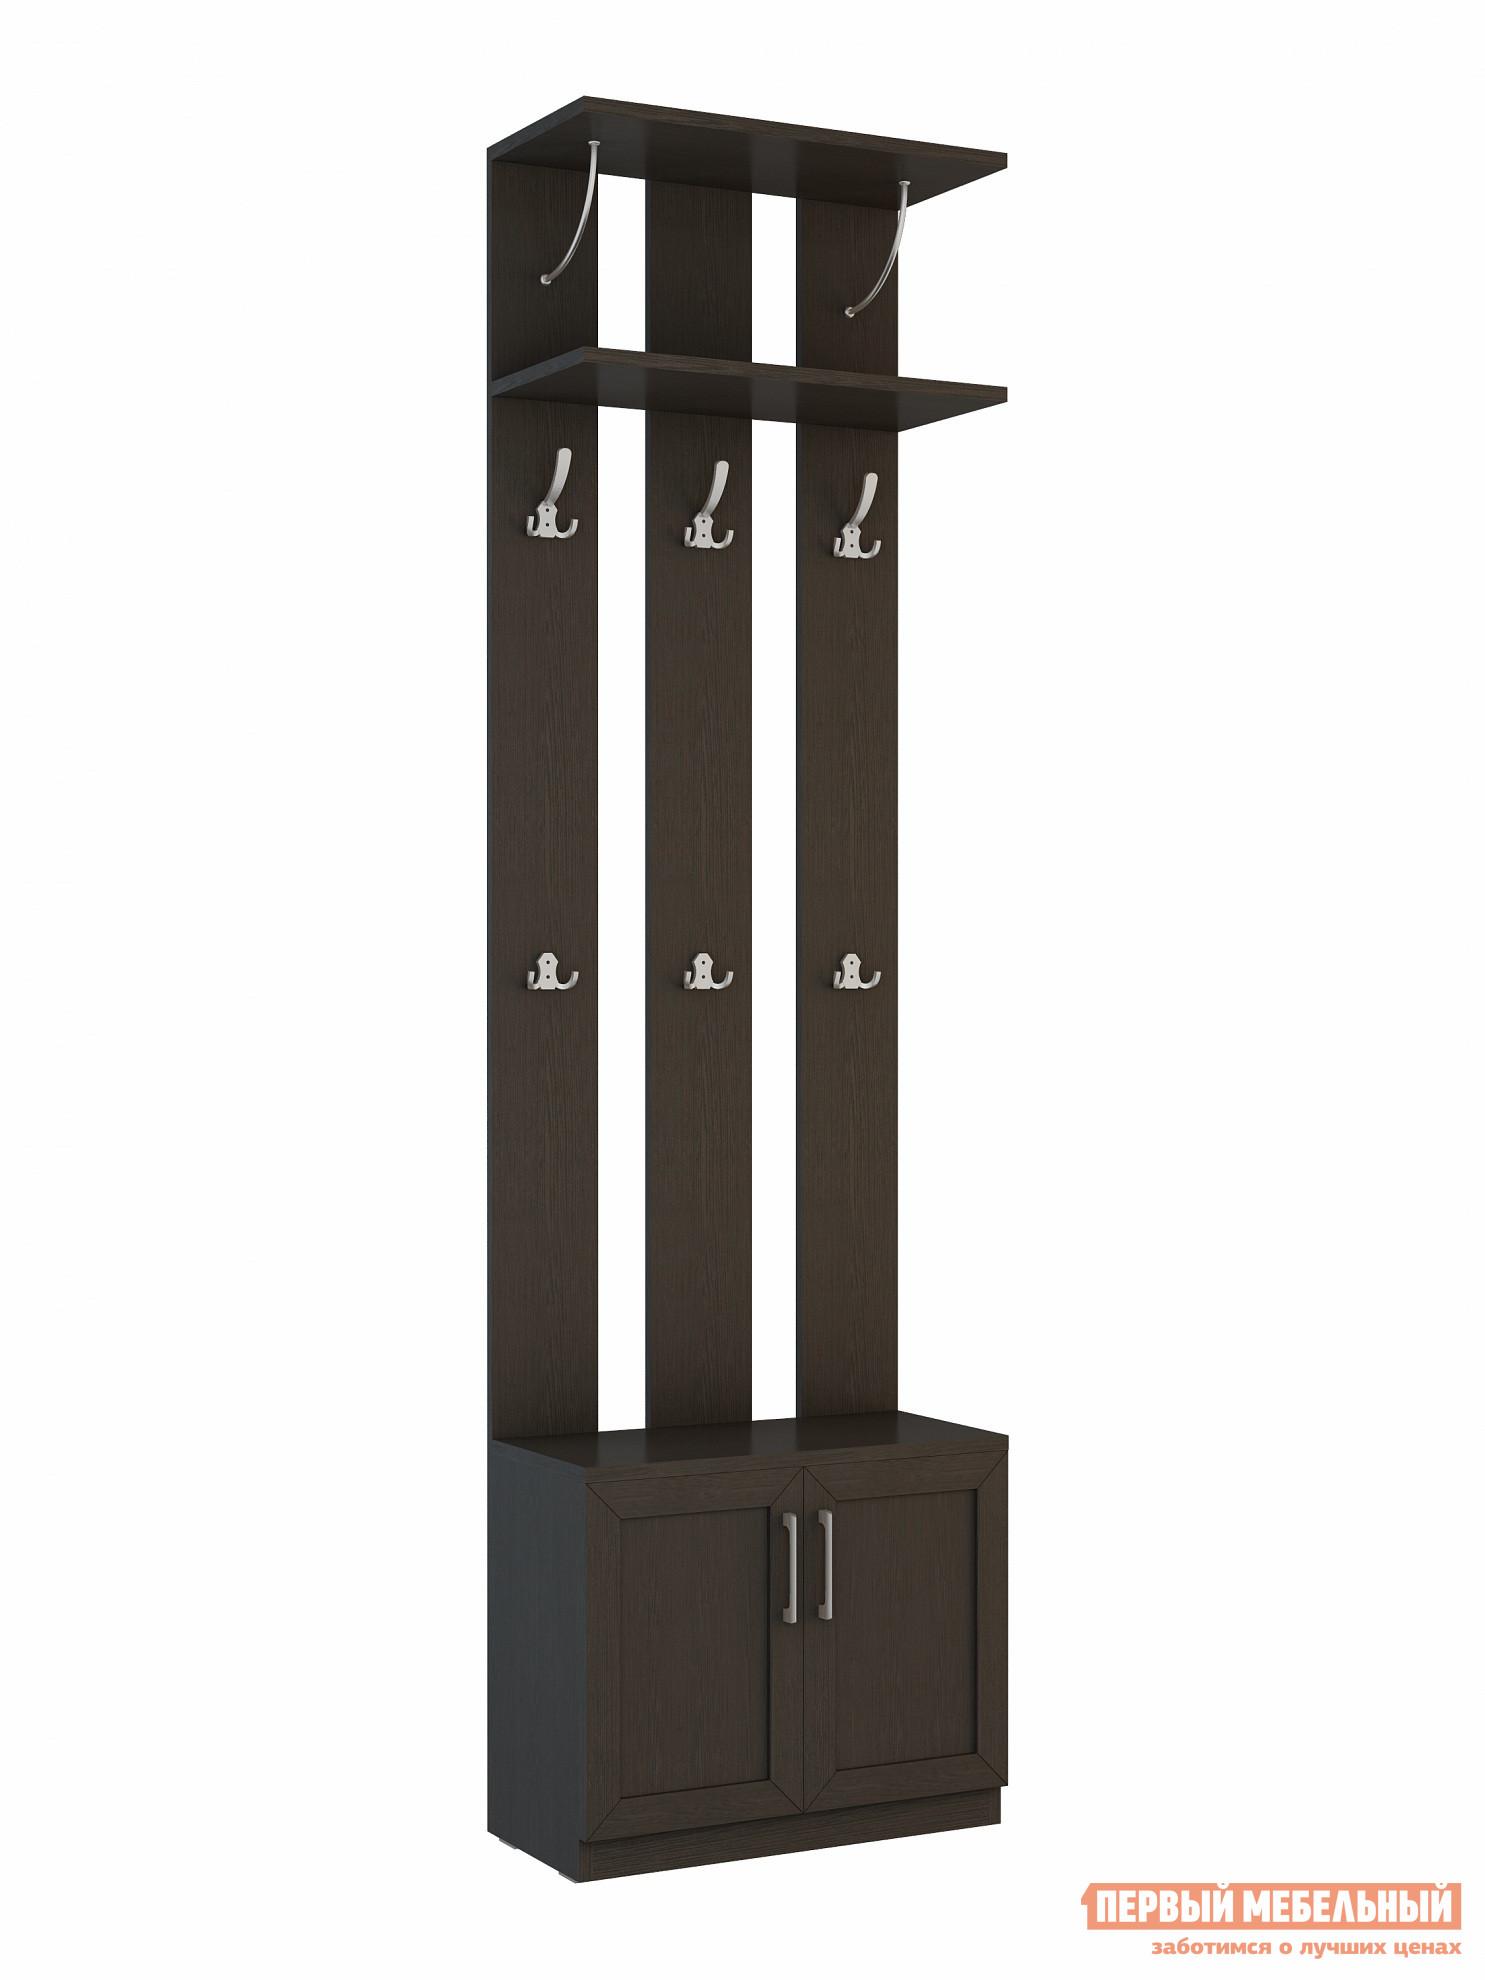 Прихожая ВасКо СОЛО-060 ВенгеПрихожие в коридор<br>Габаритные размеры ВхШхГ 2306x642x321 мм. Классический модуль для прихожей с открытой вешалкой.  Модель имеет компактные размеры, что позволит разместить ее практически в любом коридоре. В основании модуля есть тумба с полками для хранения обуви, зонтов, сумок и прочих вещей. В верхней части прихожей располагается полочка для головных уборов. Модель оснащена большими и малыми крючками. Обратите внимание! При сборке модуля его необходимо крепить к стене.  Фурнитура для крепления к стене в комплект не входит. Изделие изготавливается из ЛДСП.<br><br>Цвет: Венге<br>Цвет: Венге<br>Высота мм: 2306<br>Ширина мм: 642<br>Глубина мм: 321<br>Кол-во упаковок: 3<br>Форма поставки: В разобранном виде<br>Срок гарантии: 24 месяца<br>Тип: Прямые<br>Характеристика: Немодульные<br>Материал: из ЛДСП<br>Размер: Маленькие, Узкие, Глубиной до 35 см, Глубиной до 40 см<br>Особенности: С сиденьем, С открытой вешалкой, С антресолью, С обувницей, Без шкафа<br>Стиль: Современный